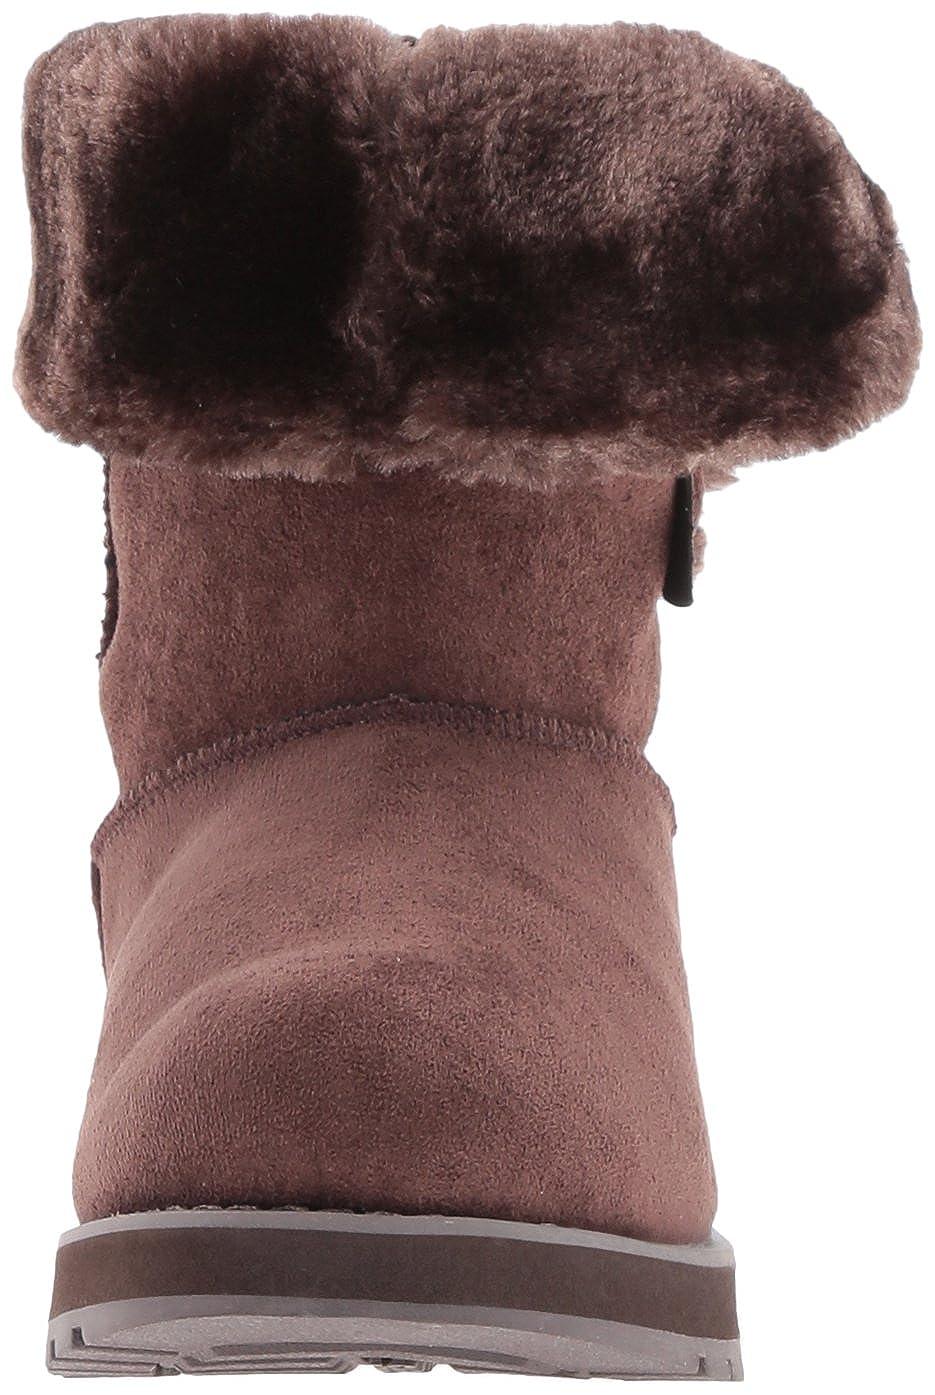 Skechers Damens's Keepsakes-Short 2 Winter Button Winter 2 Boot Chocolate 6eeaa2